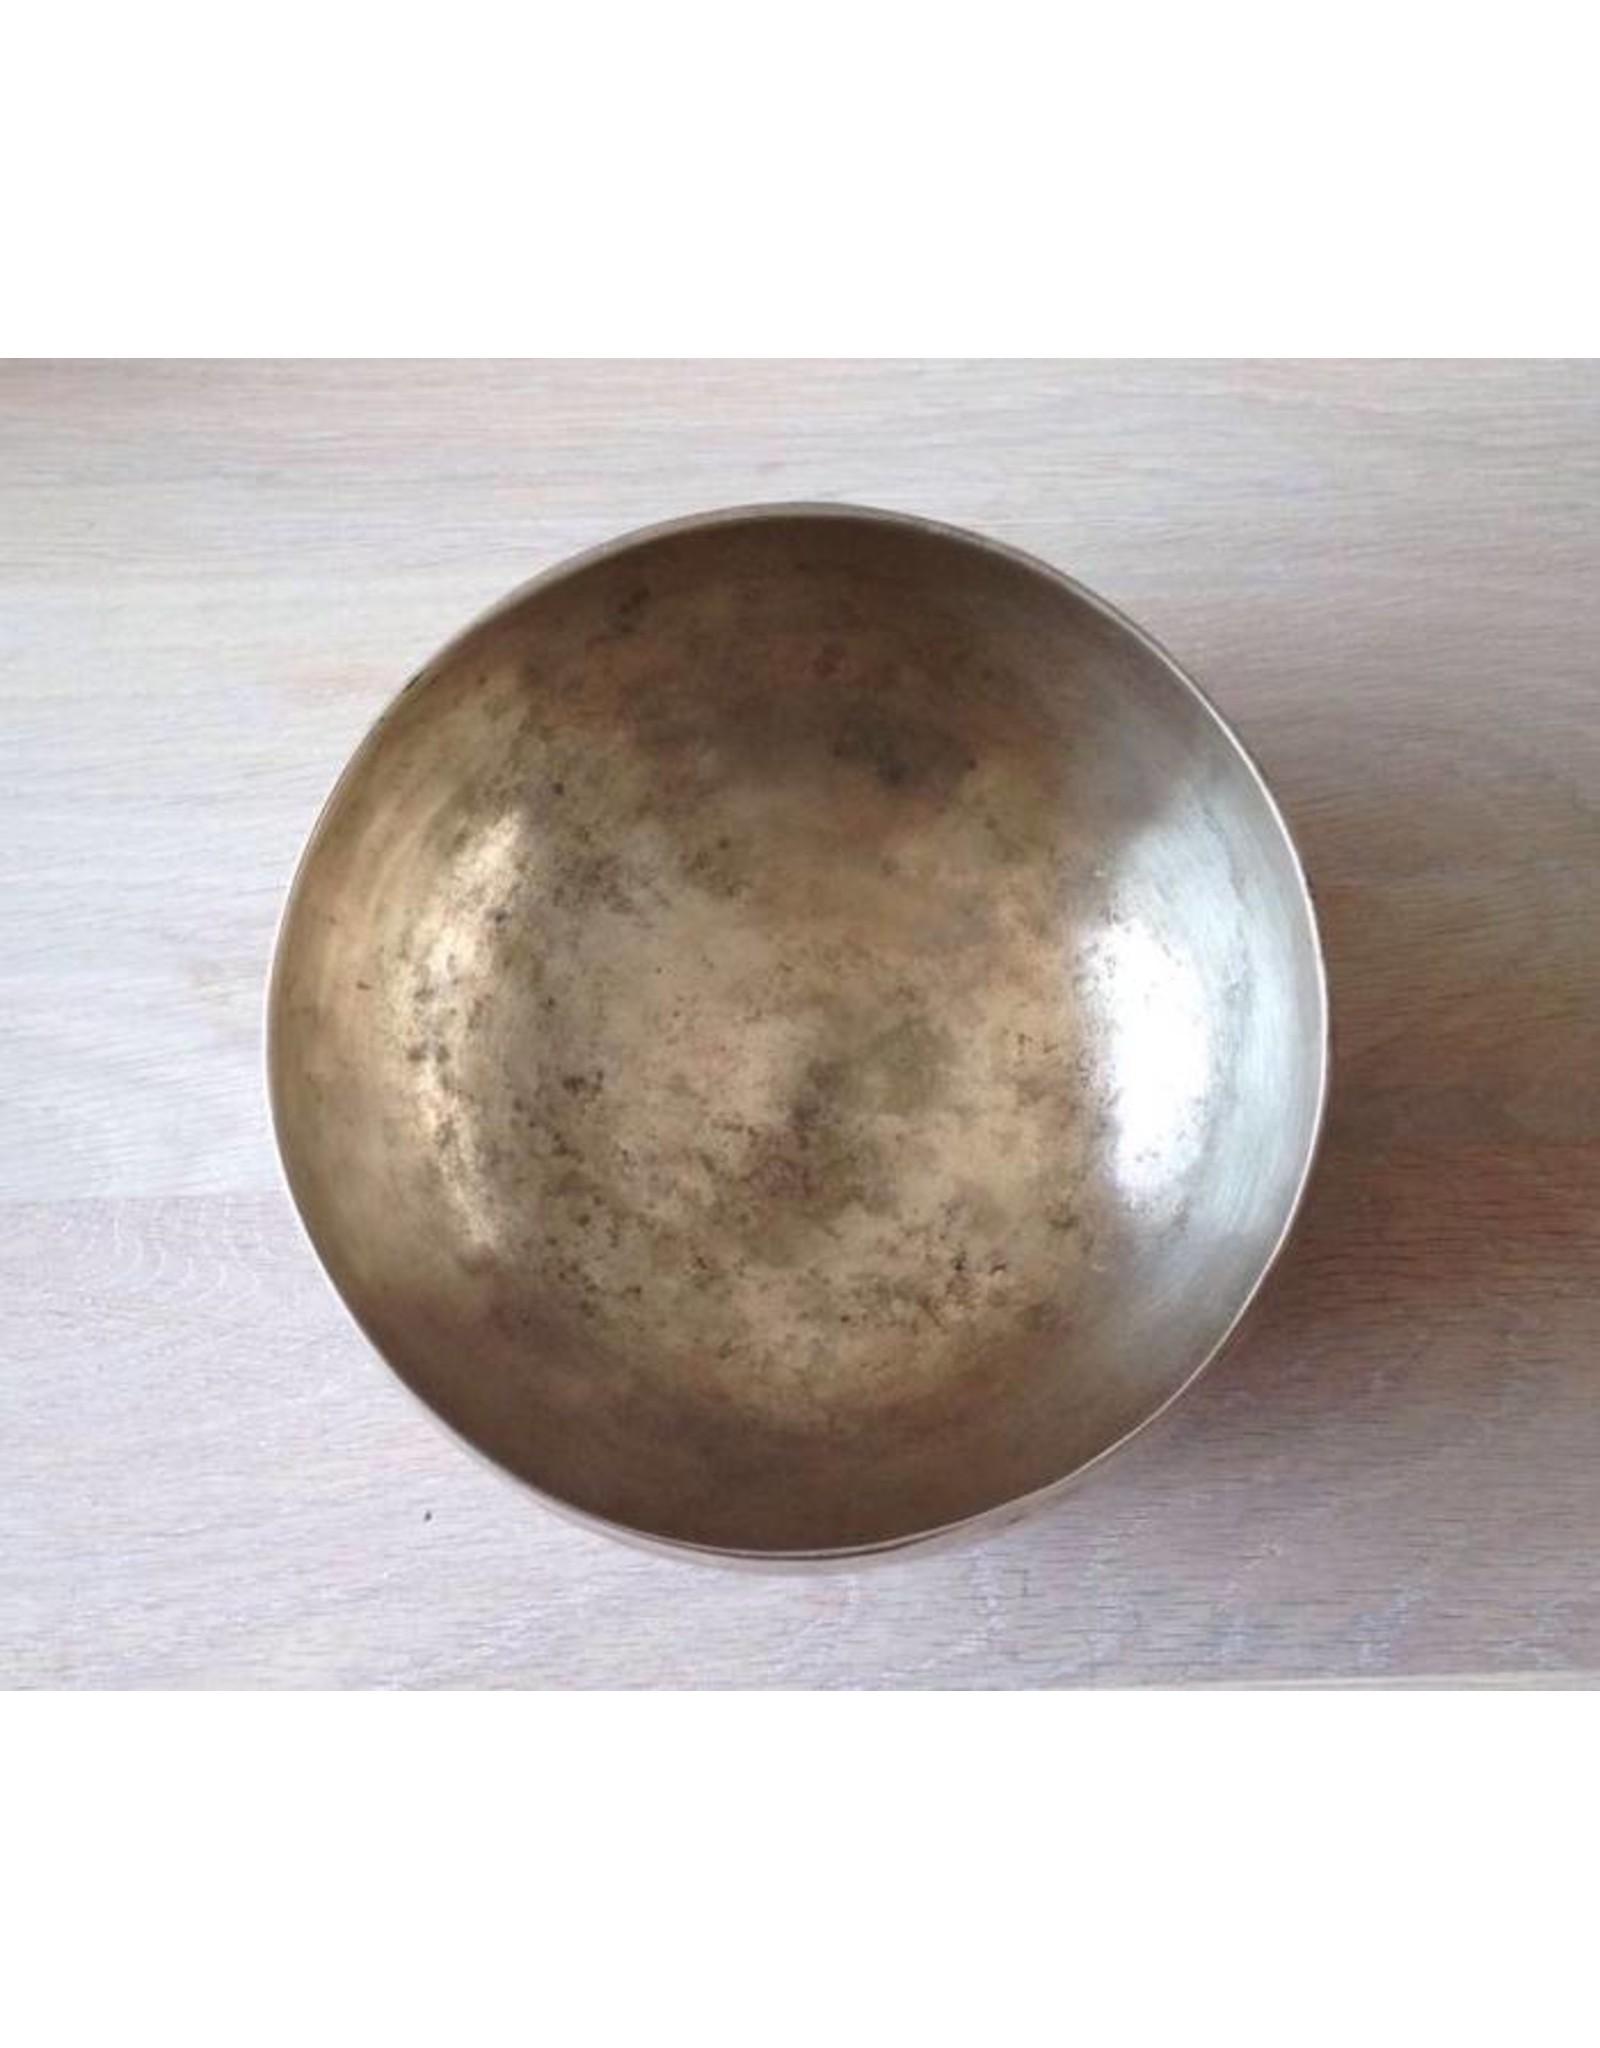 Dakini antique singing bowl Cobrebati 18 cm G